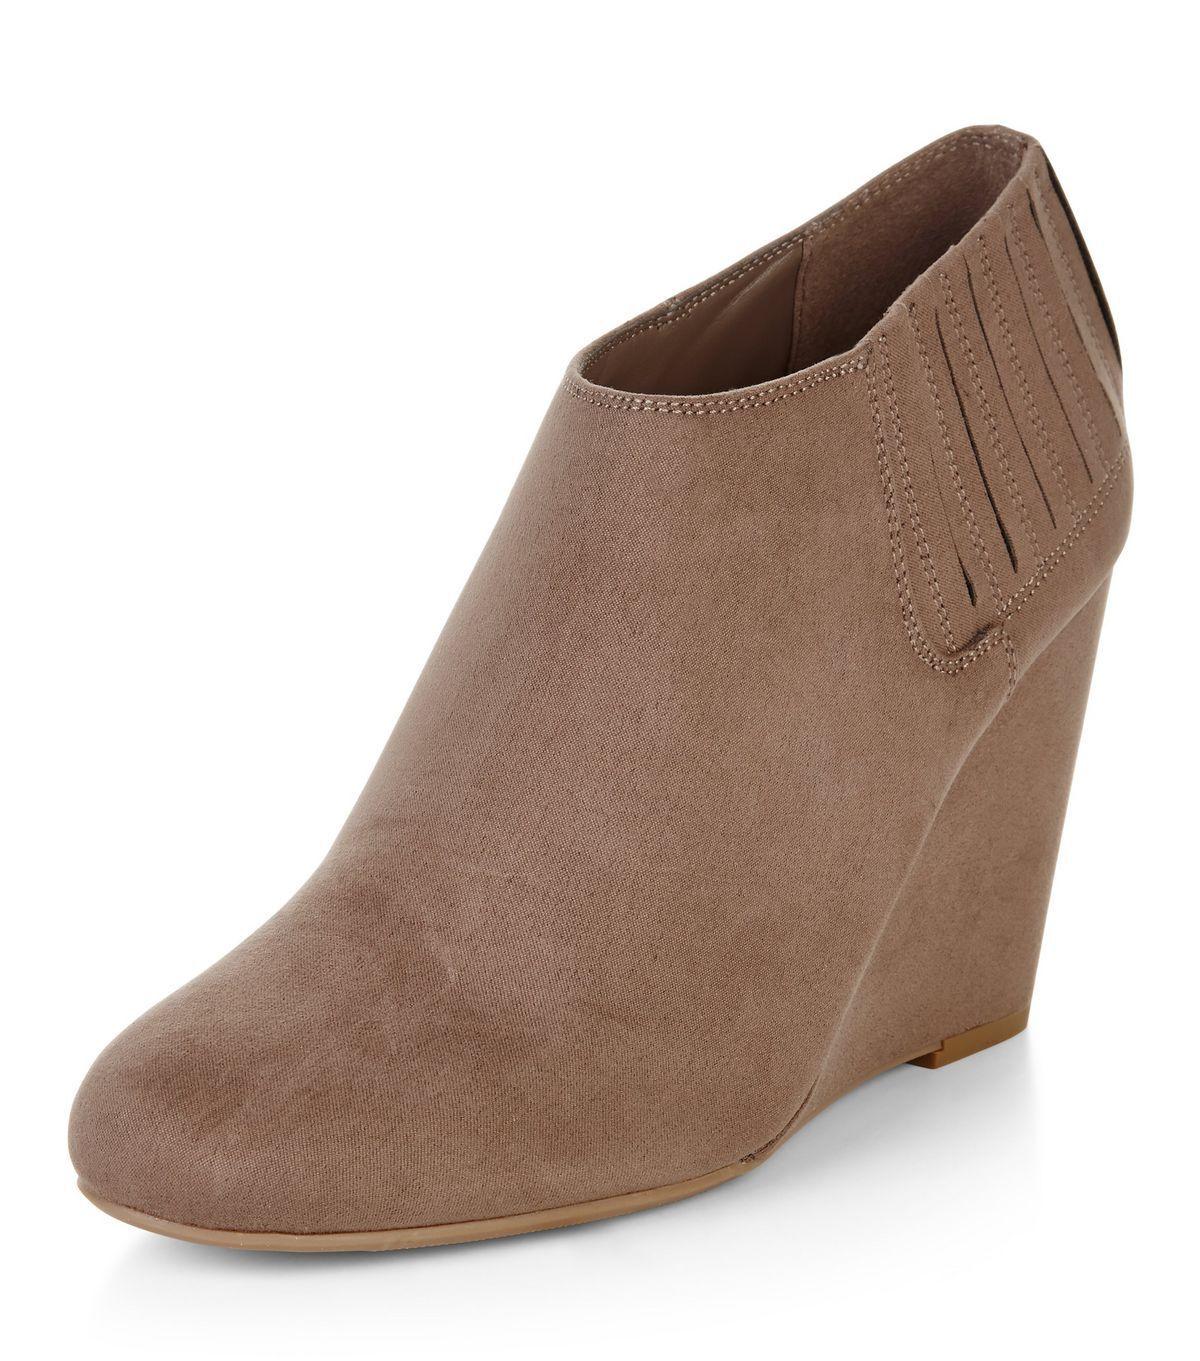 NEUF de la marque New Look Marron Clair en suédine compensées chaussuresbottes Taille 6